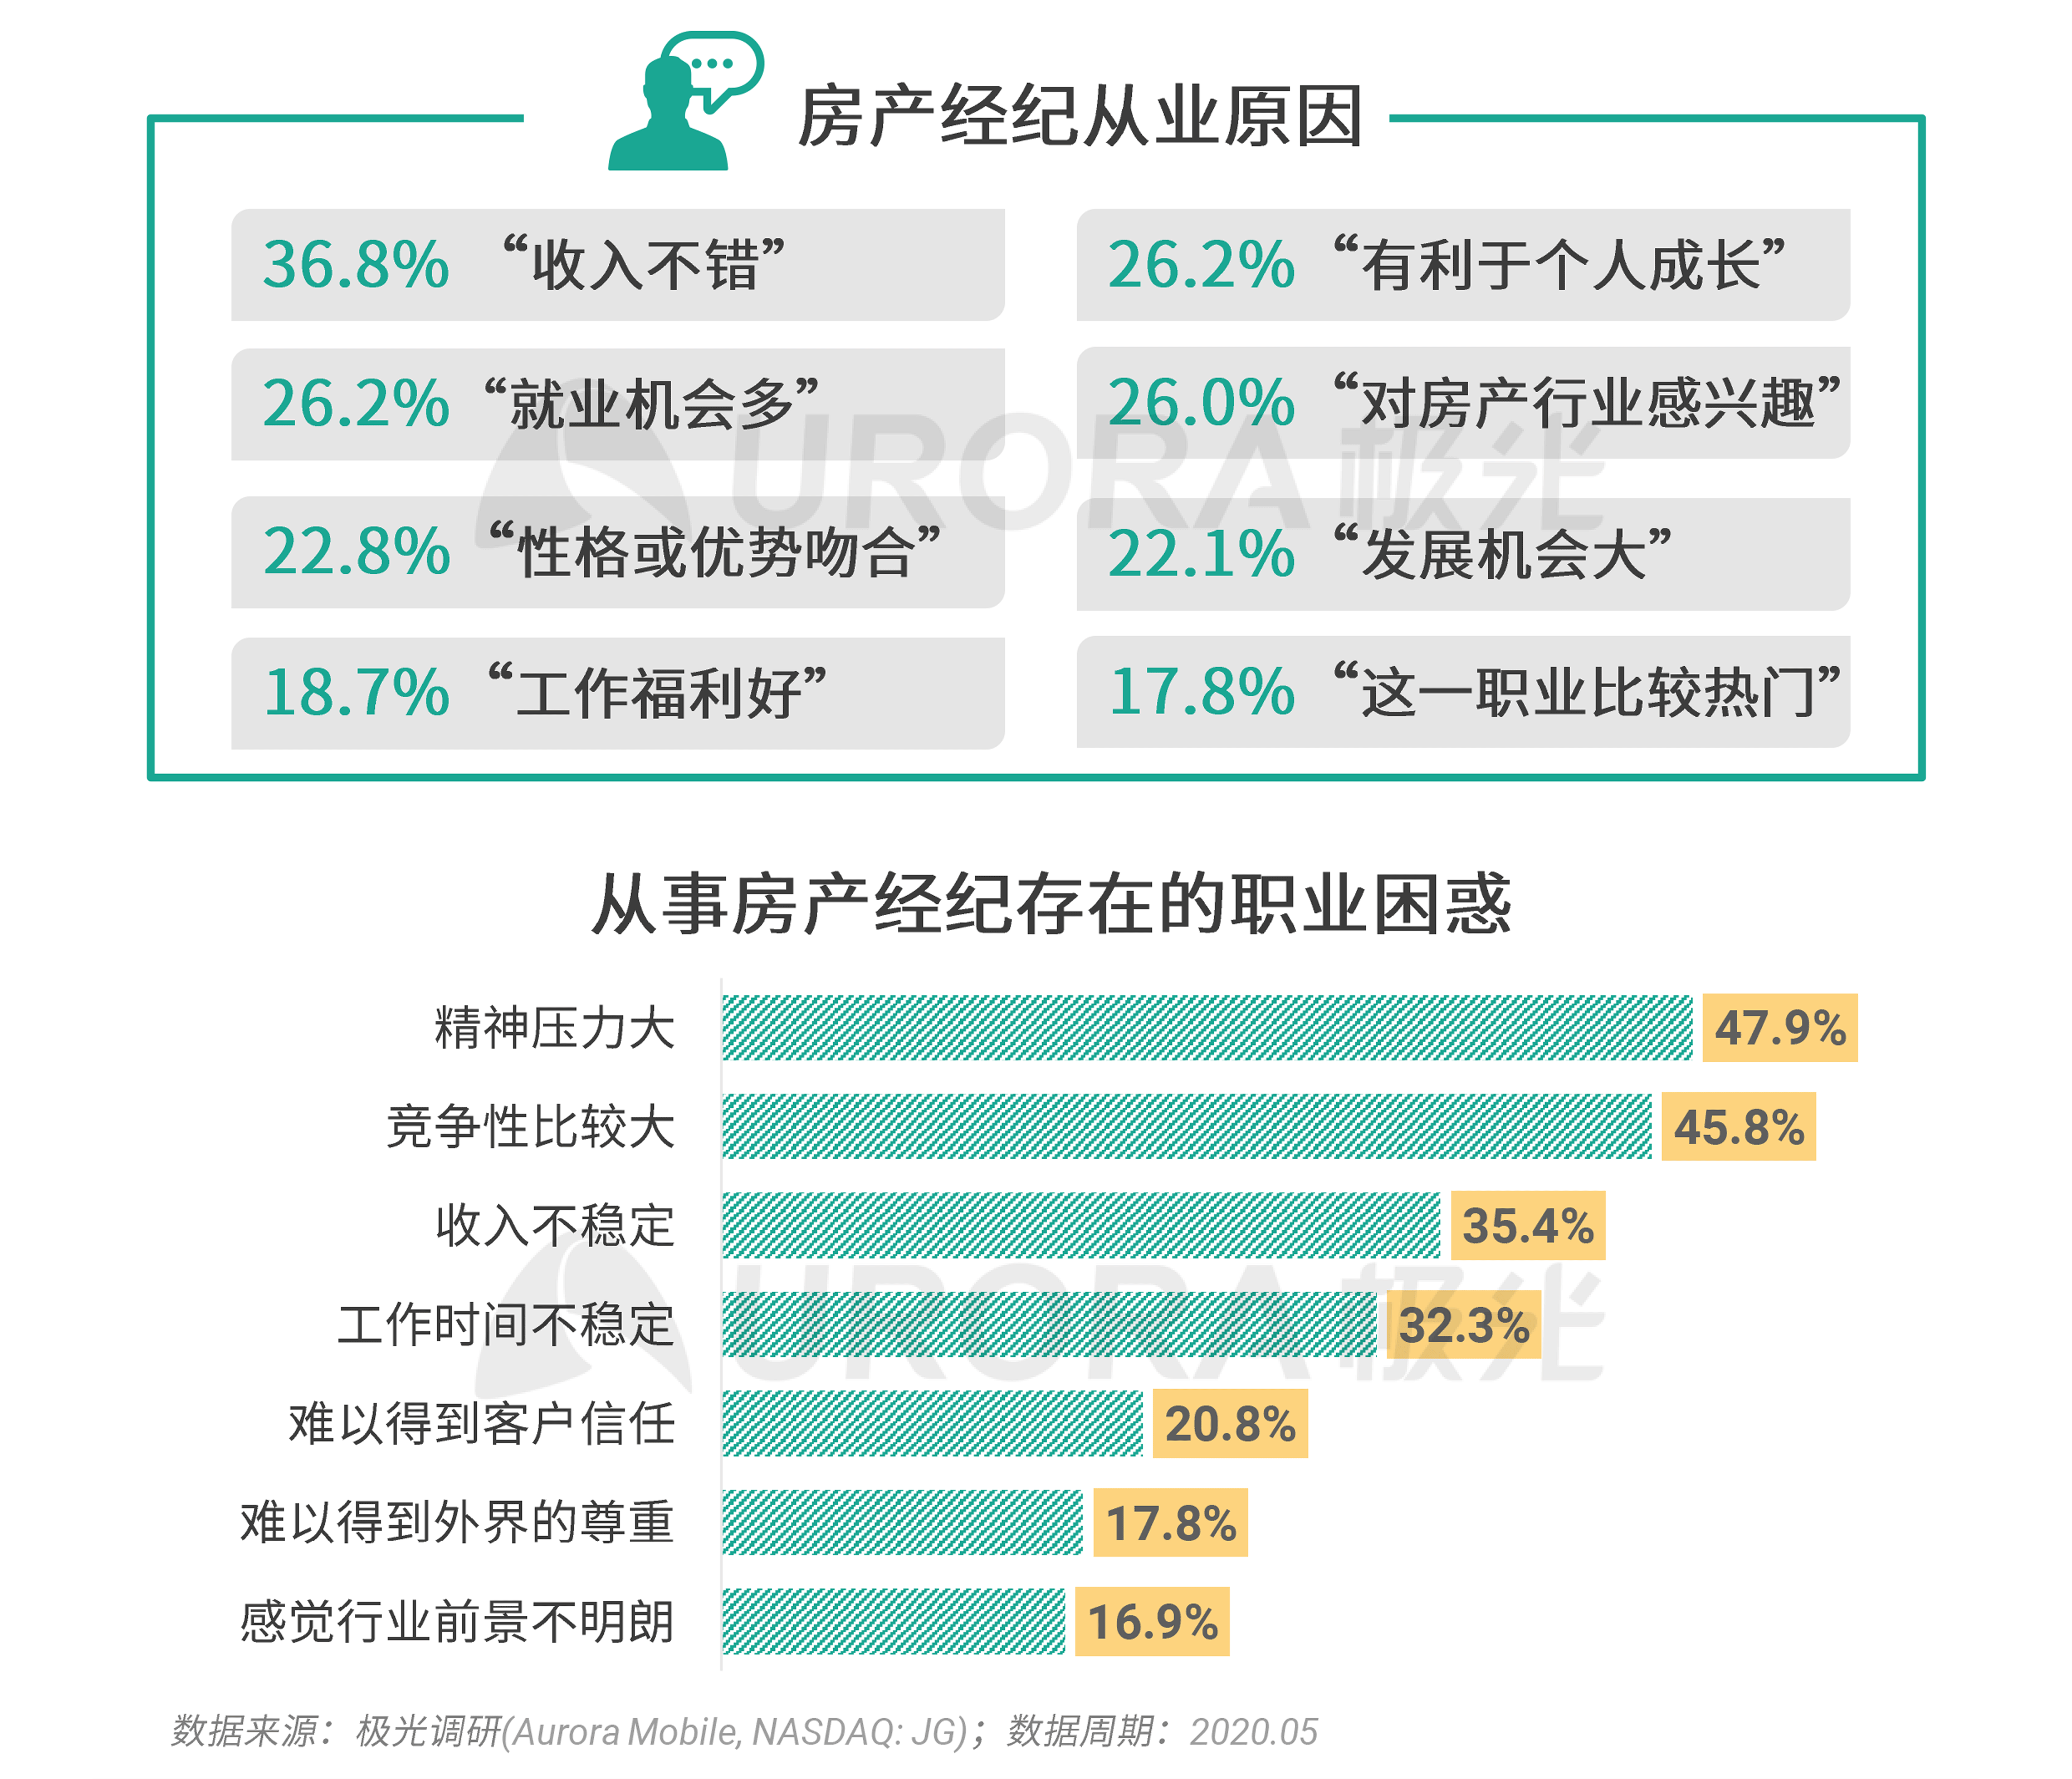 极光:2020年房产经纪行业和购房市场洞察报告 (21).png